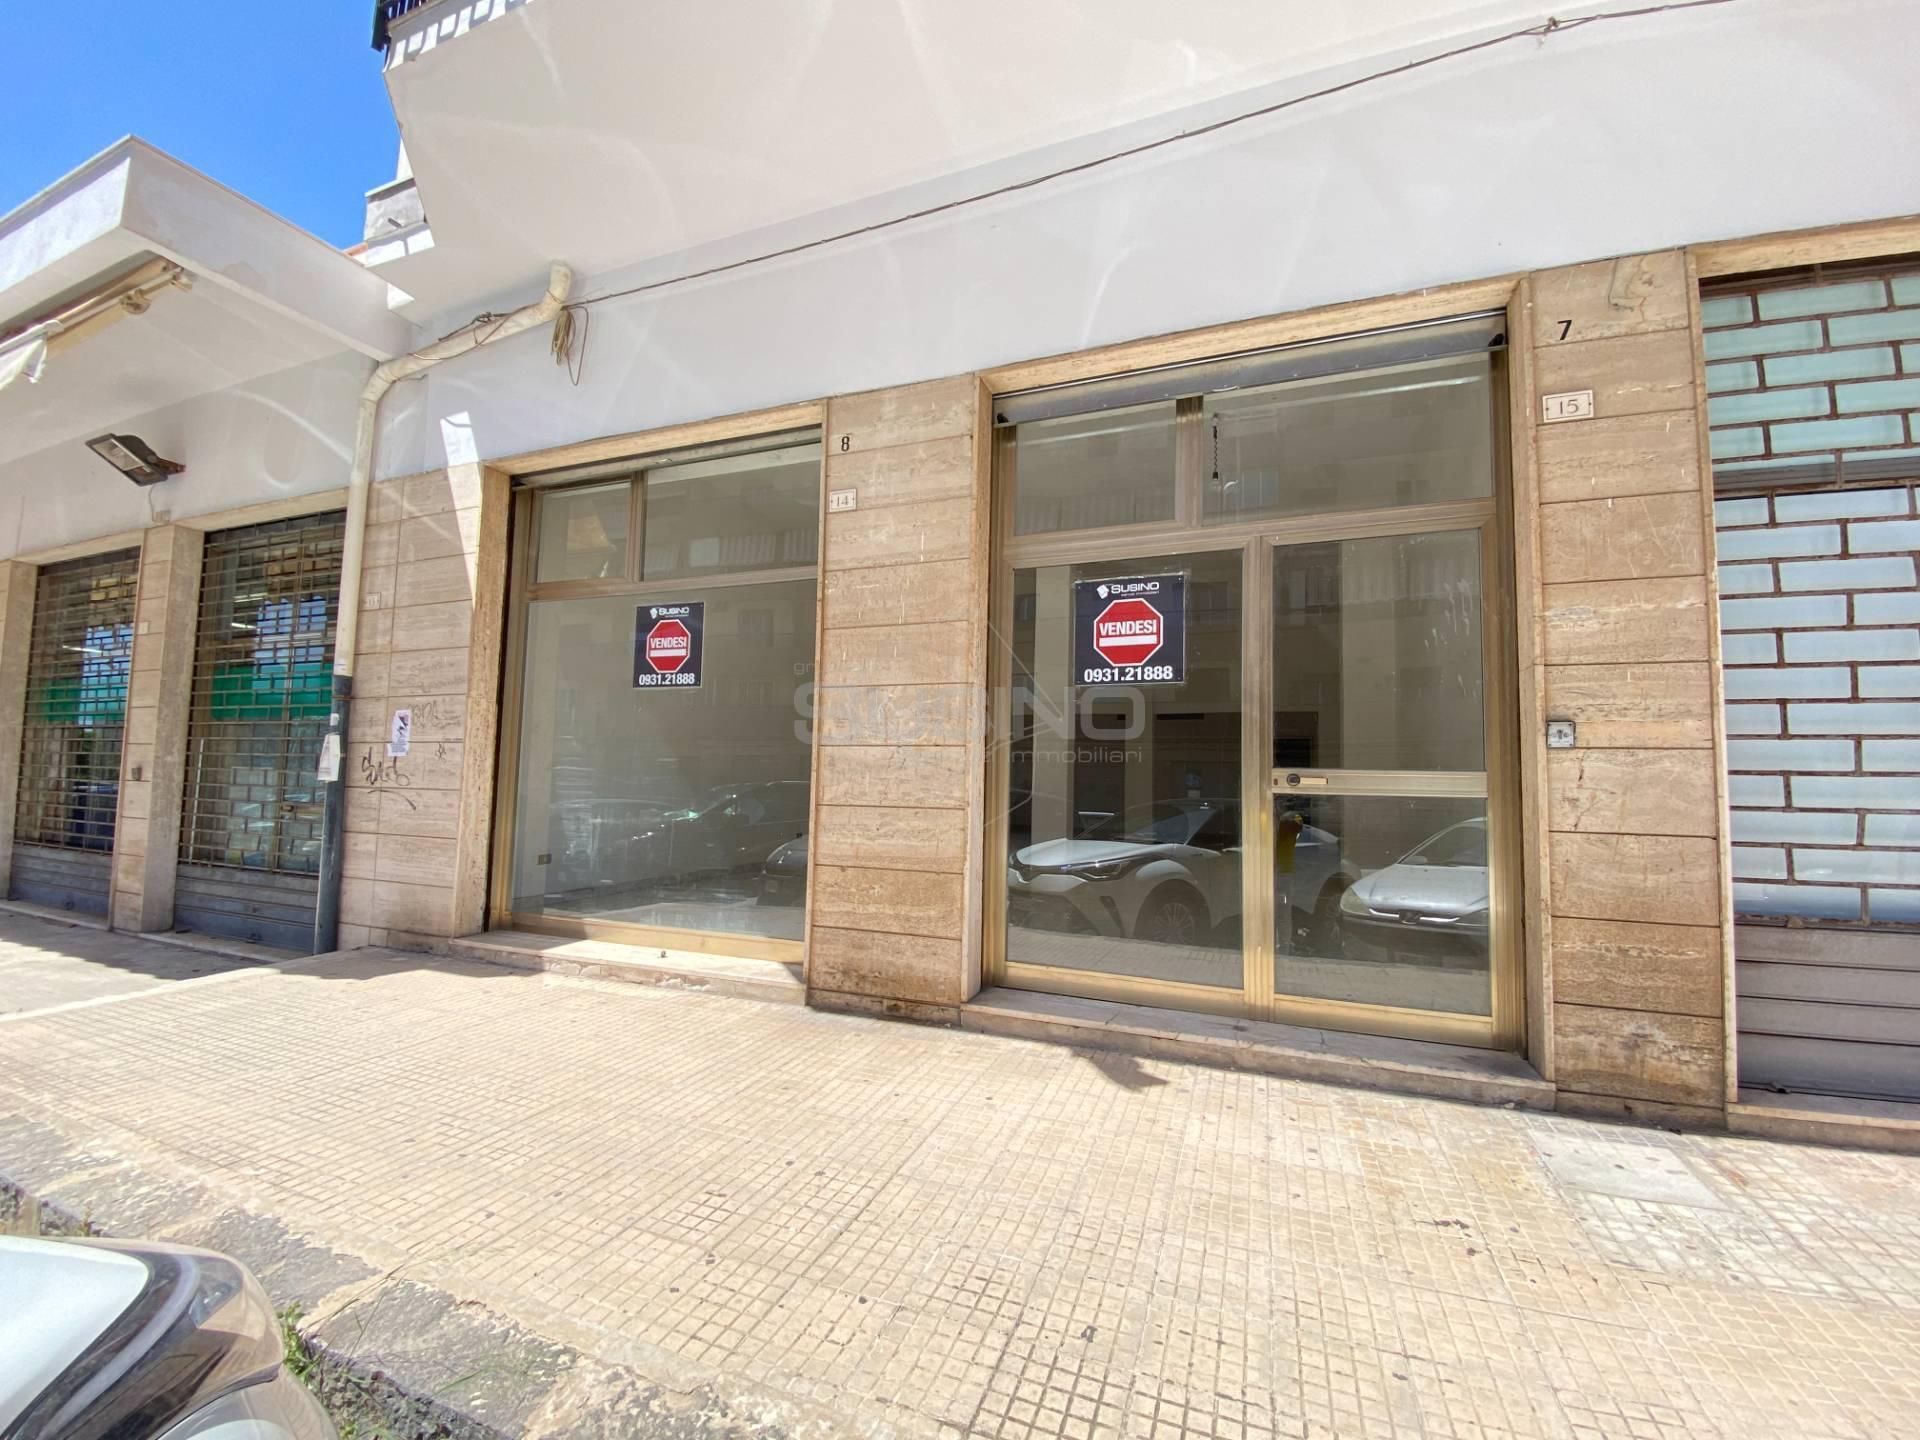 Ufficio / Studio in vendita a Siracusa, 9999 locali, zona Zona: Tica-tisia, prezzo € 145.000 | CambioCasa.it